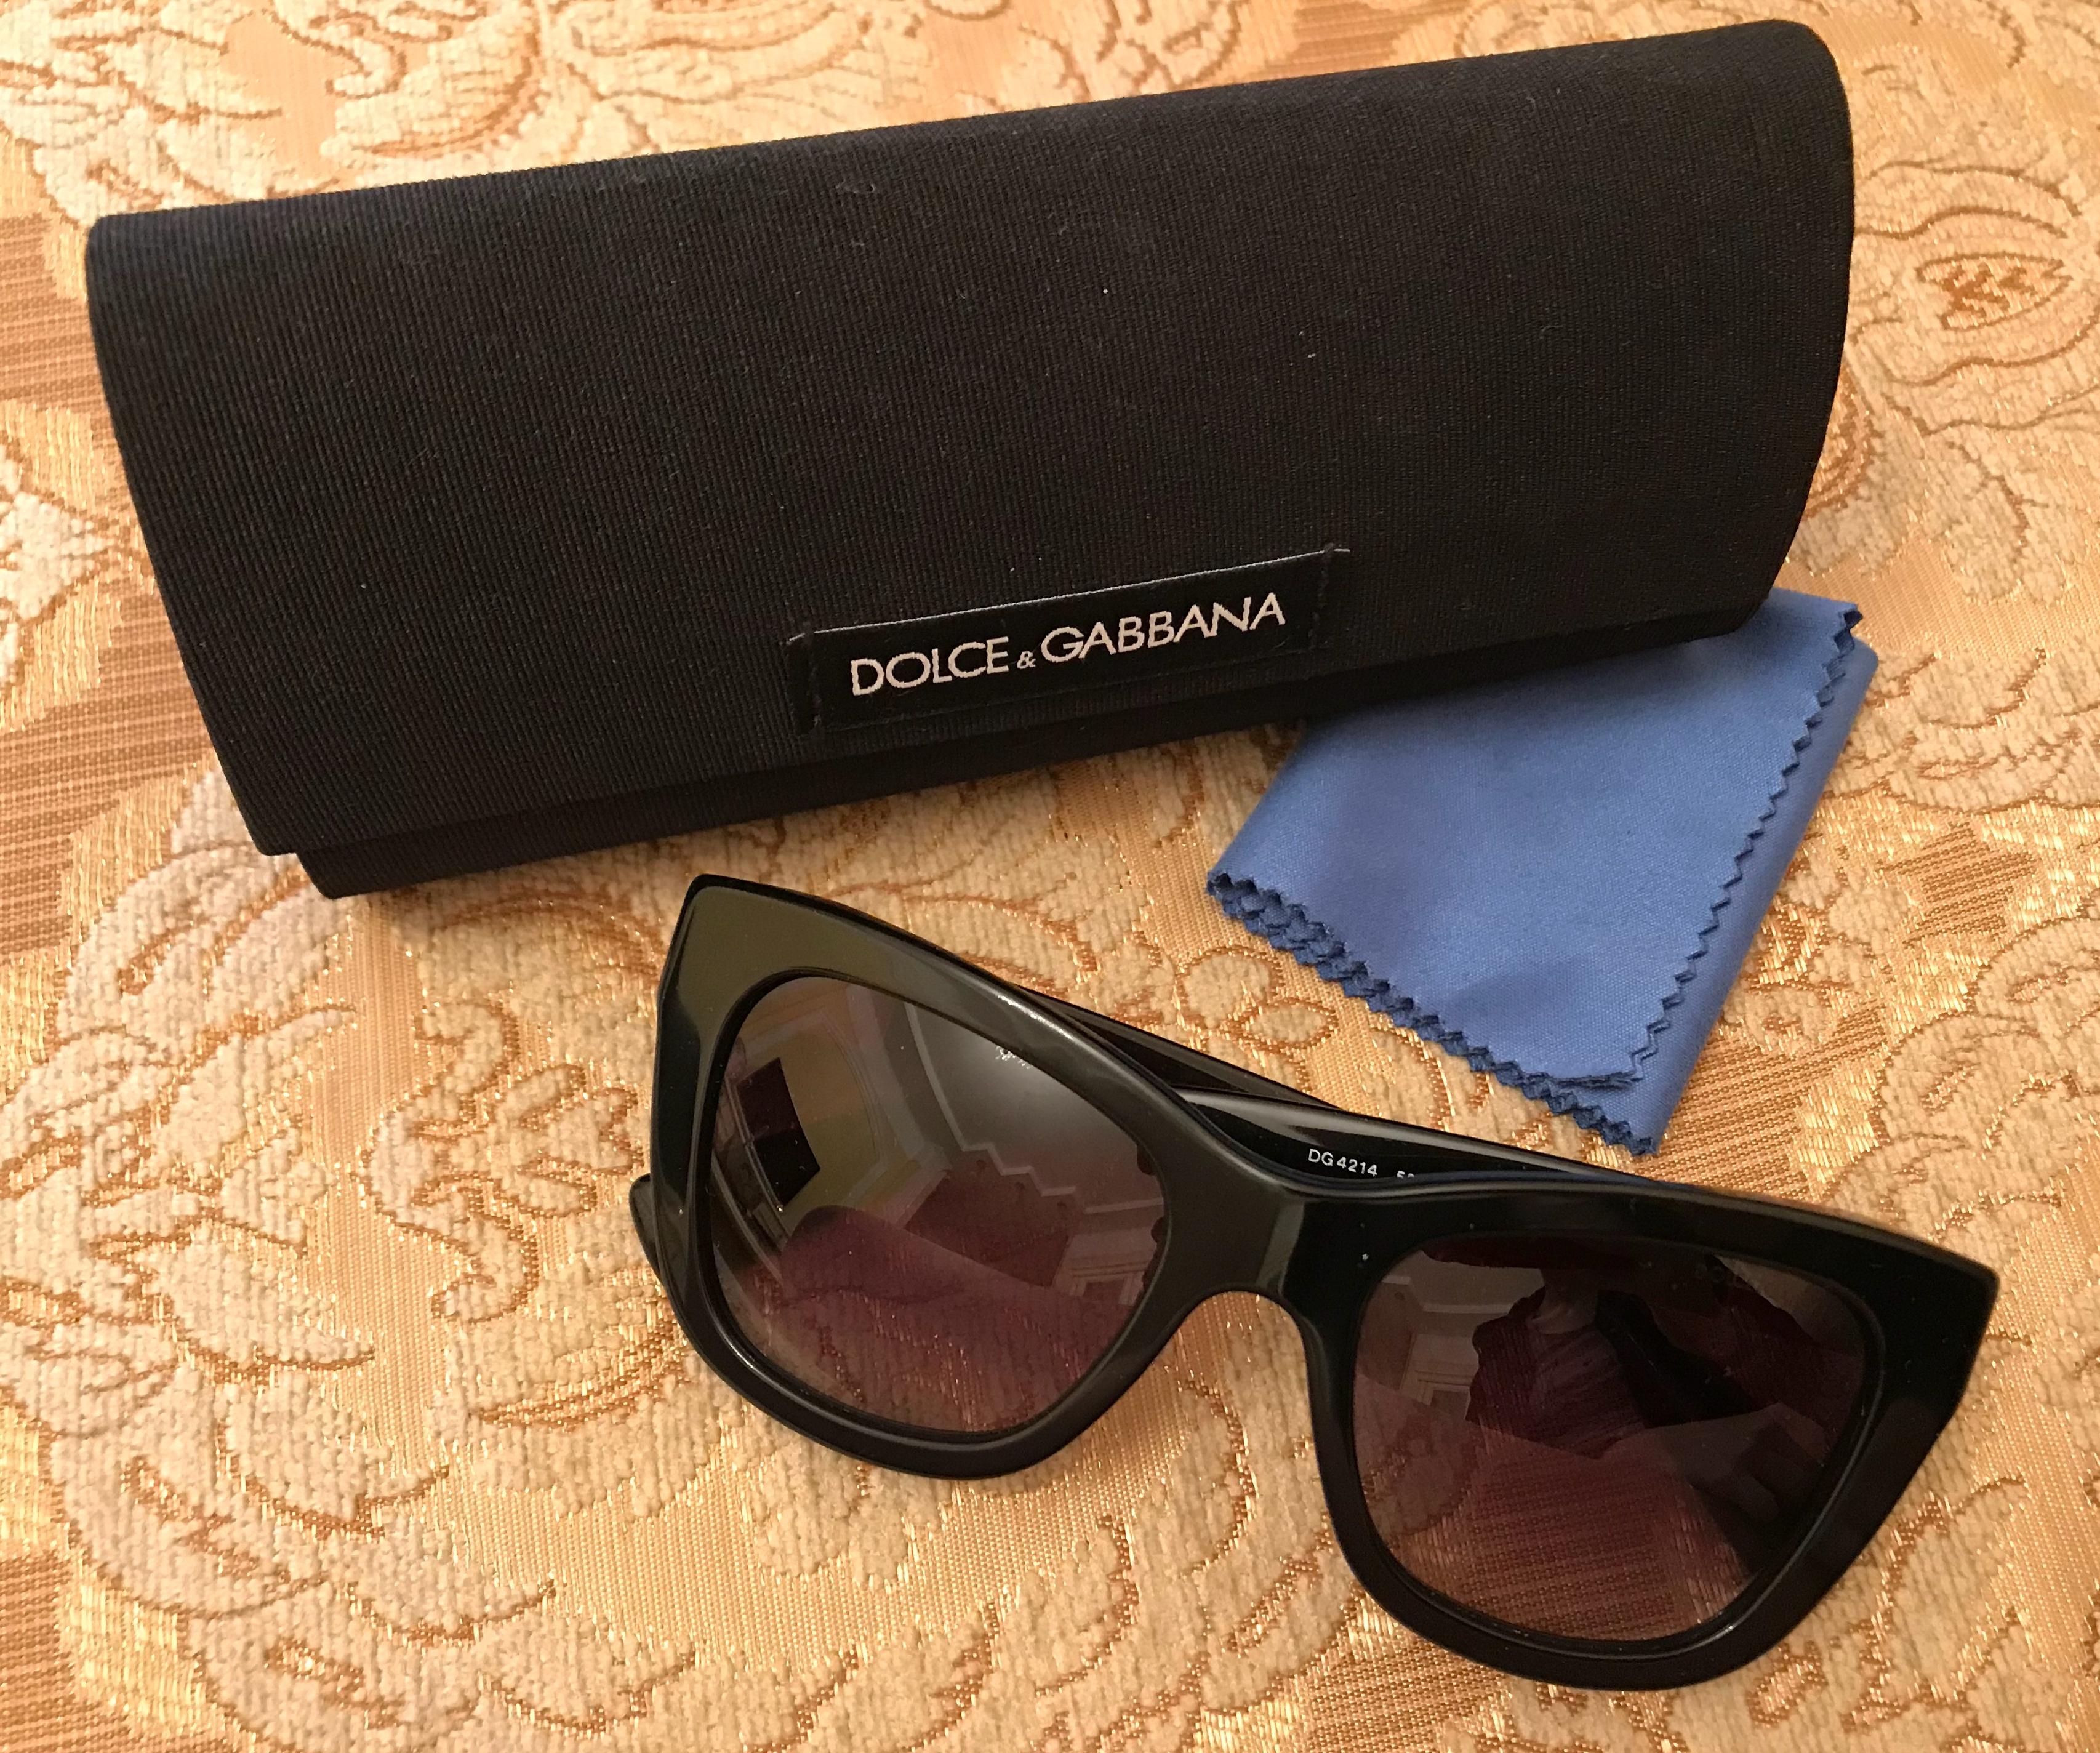 405c29f5ab21 Купить солнцезащитные очки Dolce   Gabbana за 20000 руб. в интернет ...